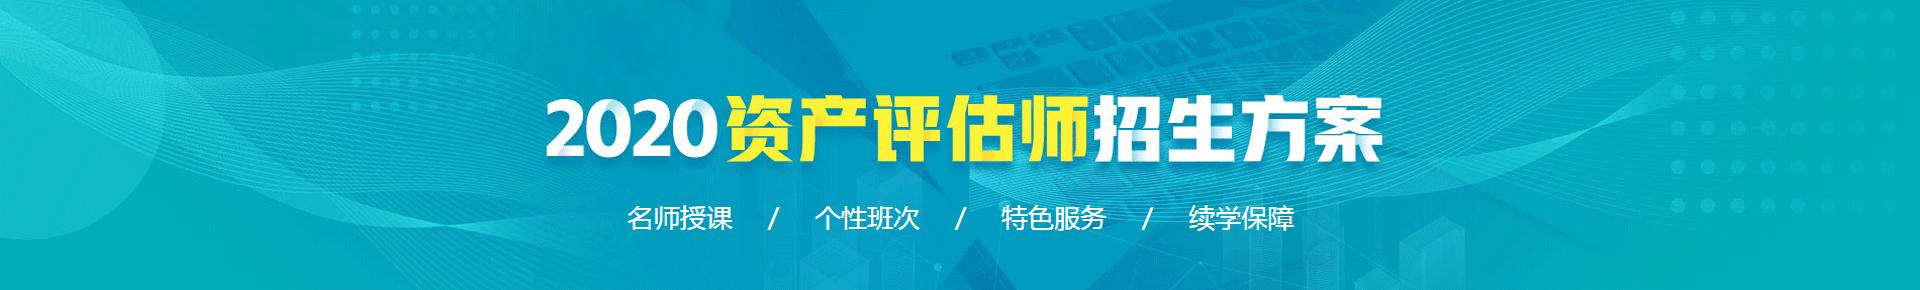 郑州注册资产评估师辅导班